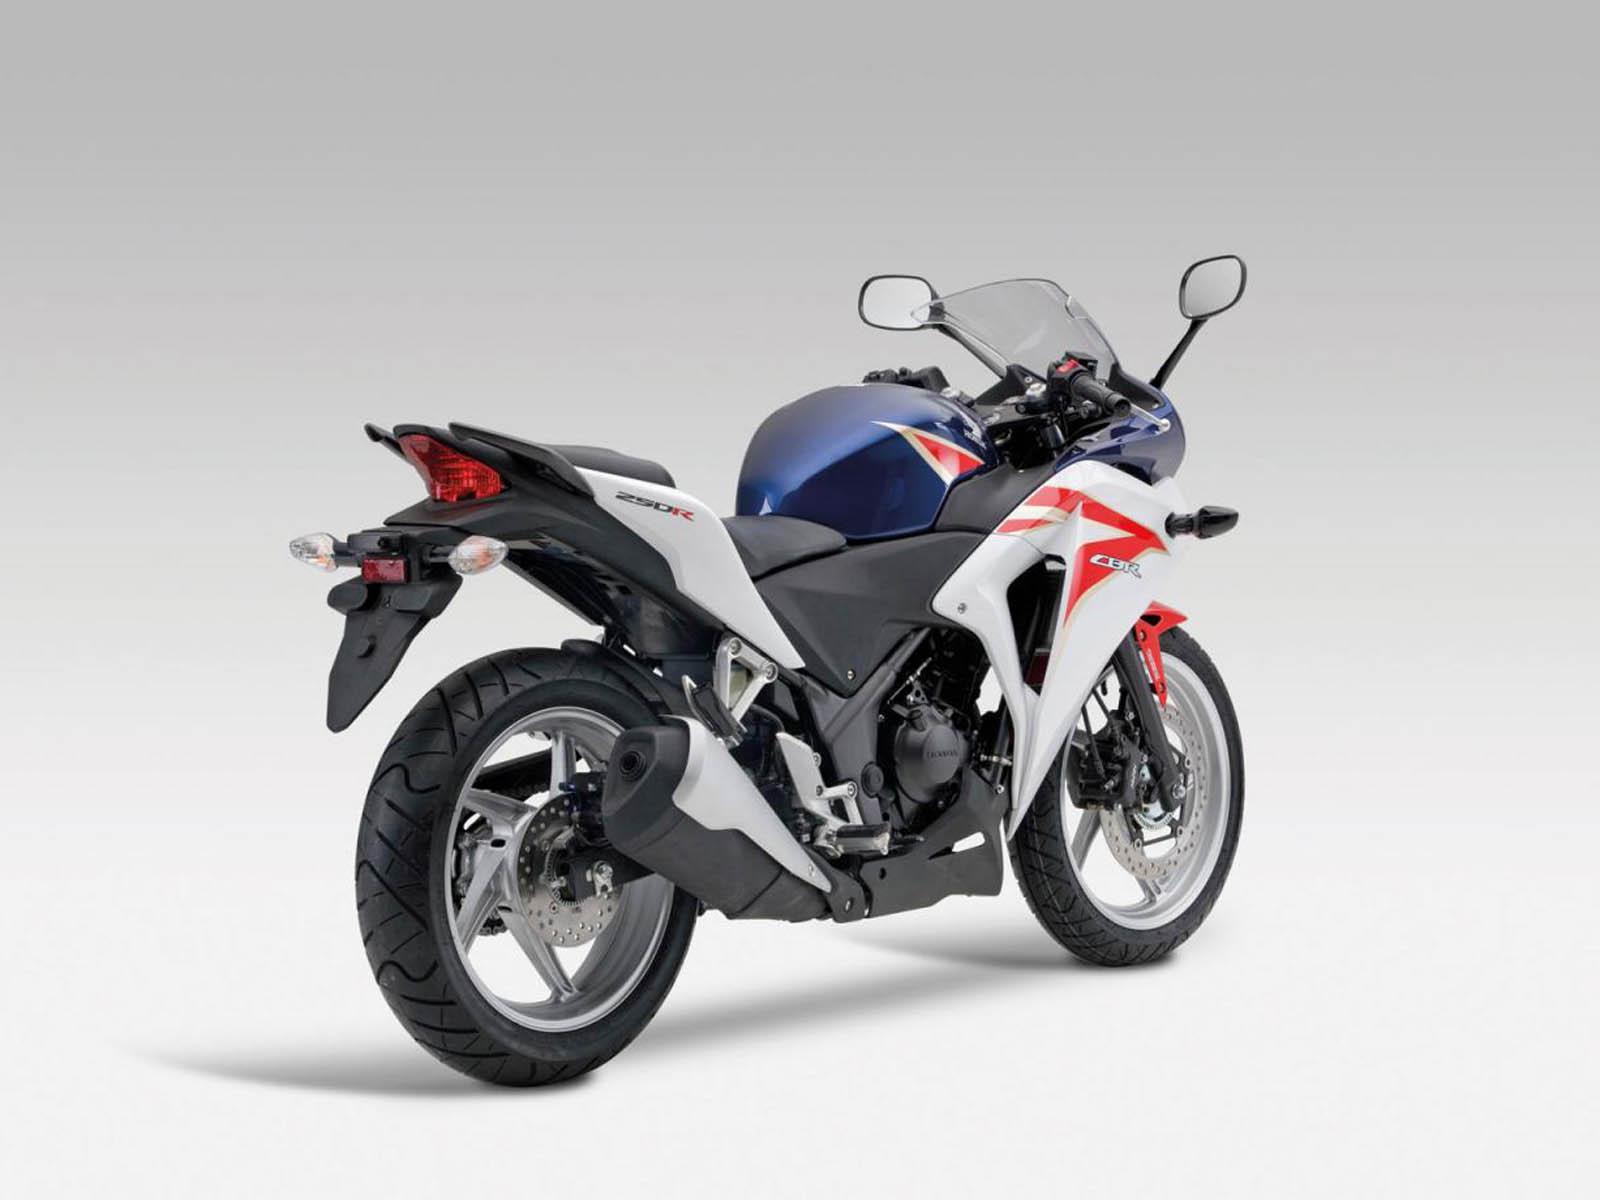 http://1.bp.blogspot.com/-V4D0yF6Mj9I/UBa84VdhlzI/AAAAAAAAG50/23pu2vEy--o/s1600/Honda+CBR+250R+Bike+Wallpapers.jpg